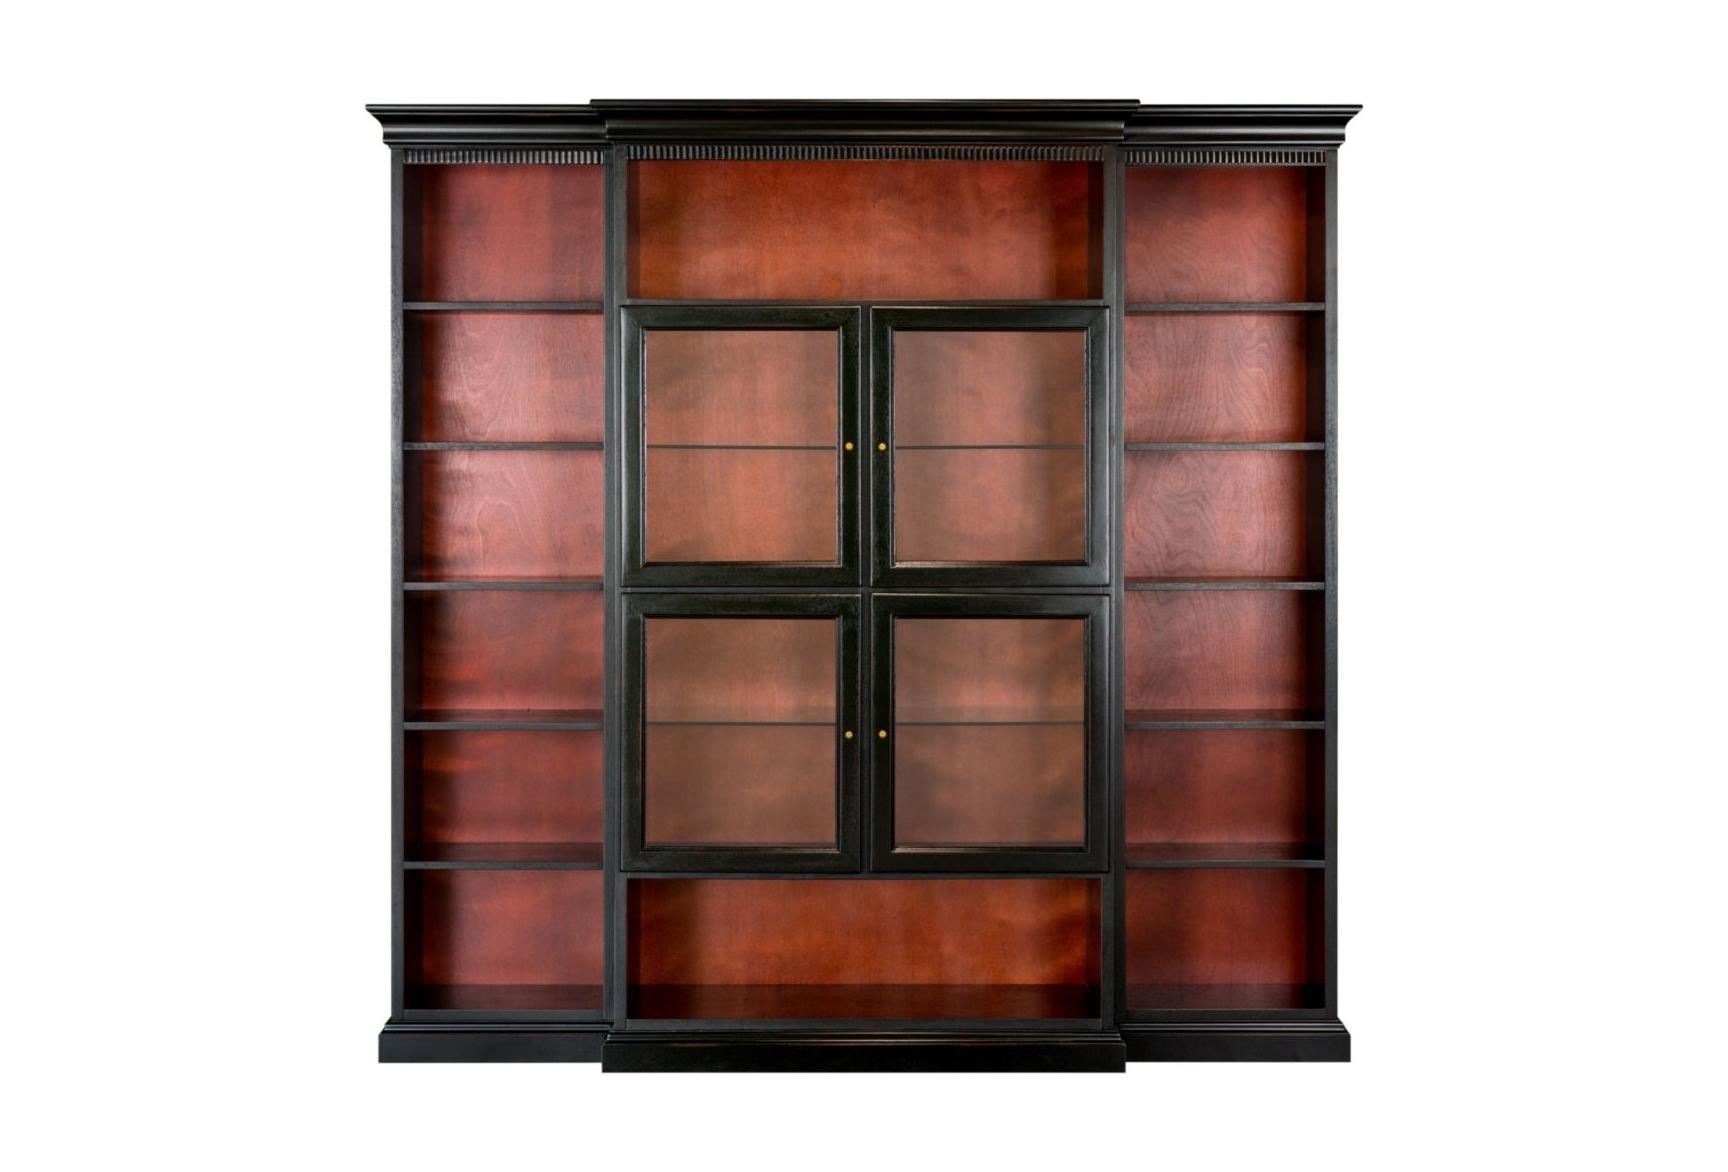 Шкаф книжный StanleyКнижные шкафы и библиотеки<br><br><br>Material: Дерево<br>Ширина см: 232.0<br>Высота см: 225.0<br>Глубина см: 45.0